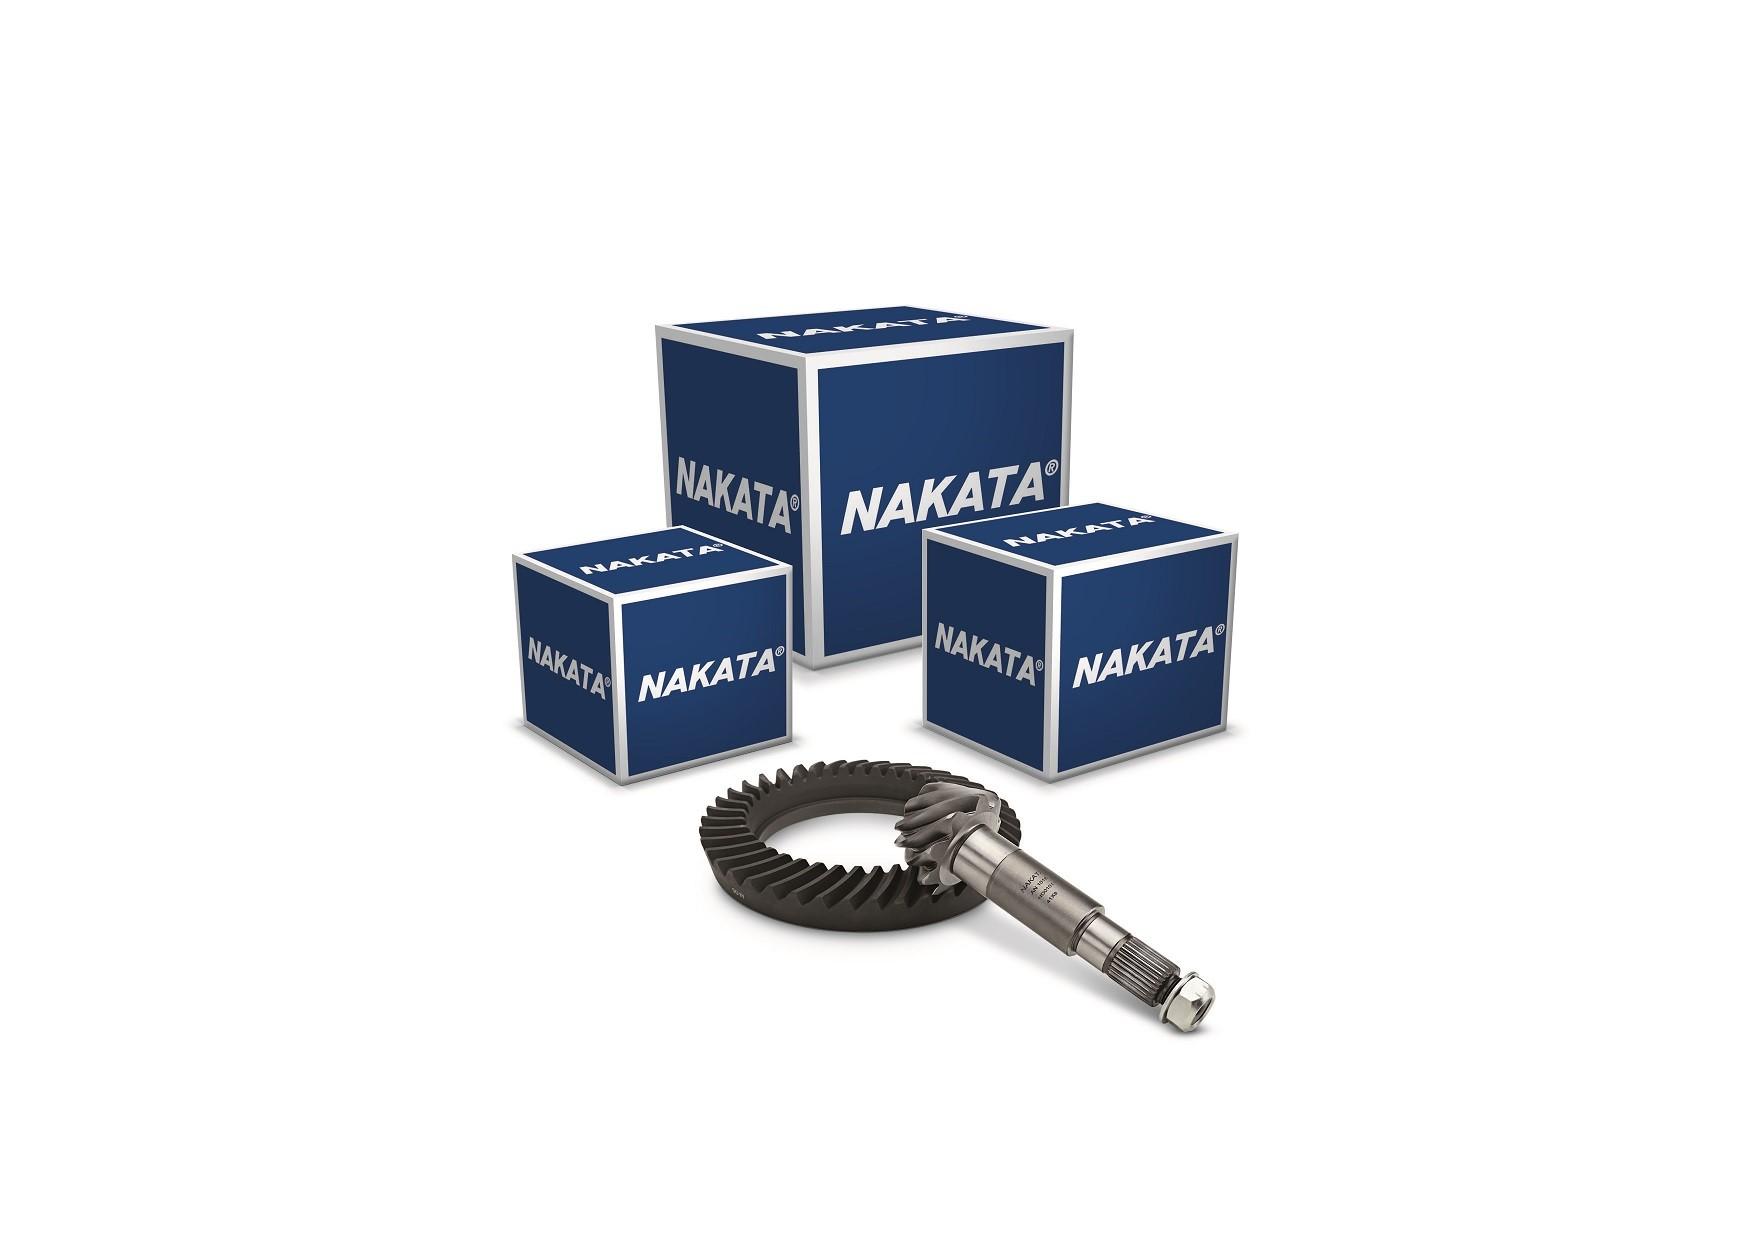 Nakata lança conjuntos de coroa e pinhão para 8 modelos de eixos diferenciais para comercias leves e caminhões